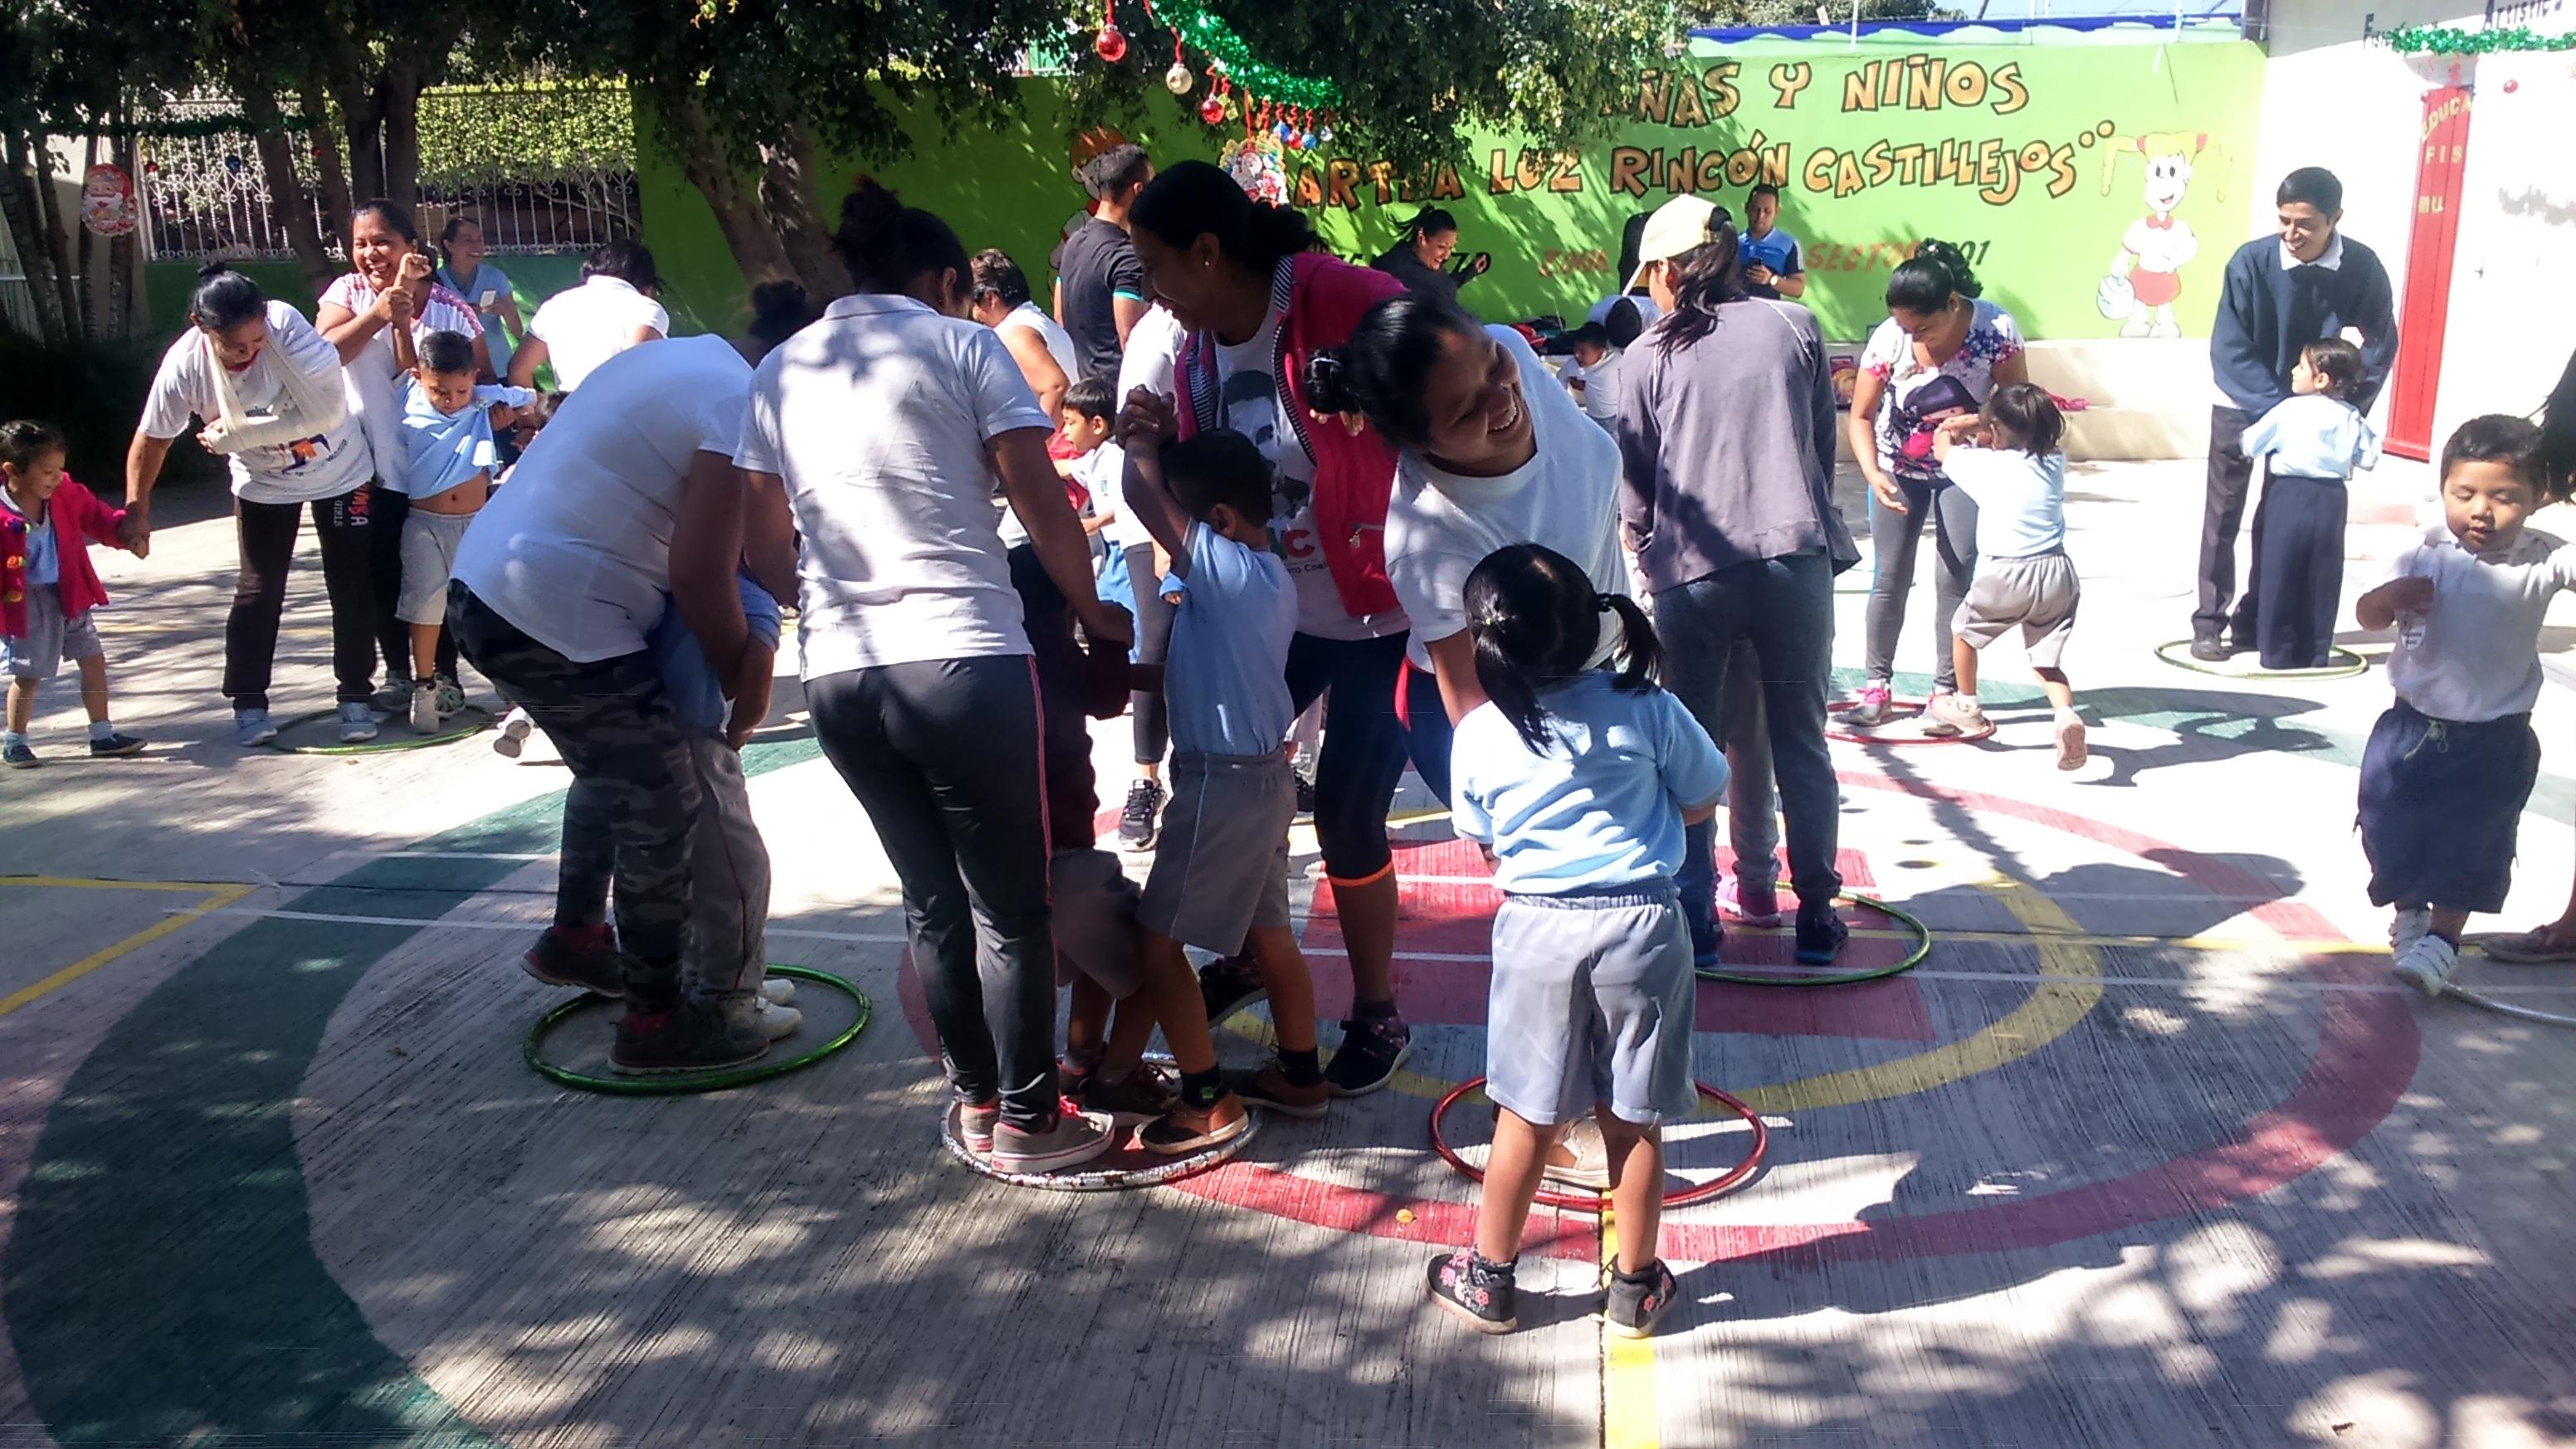 Continúa Secretaría de Educación fomentando ambientes escolares sanos y libres de violencia